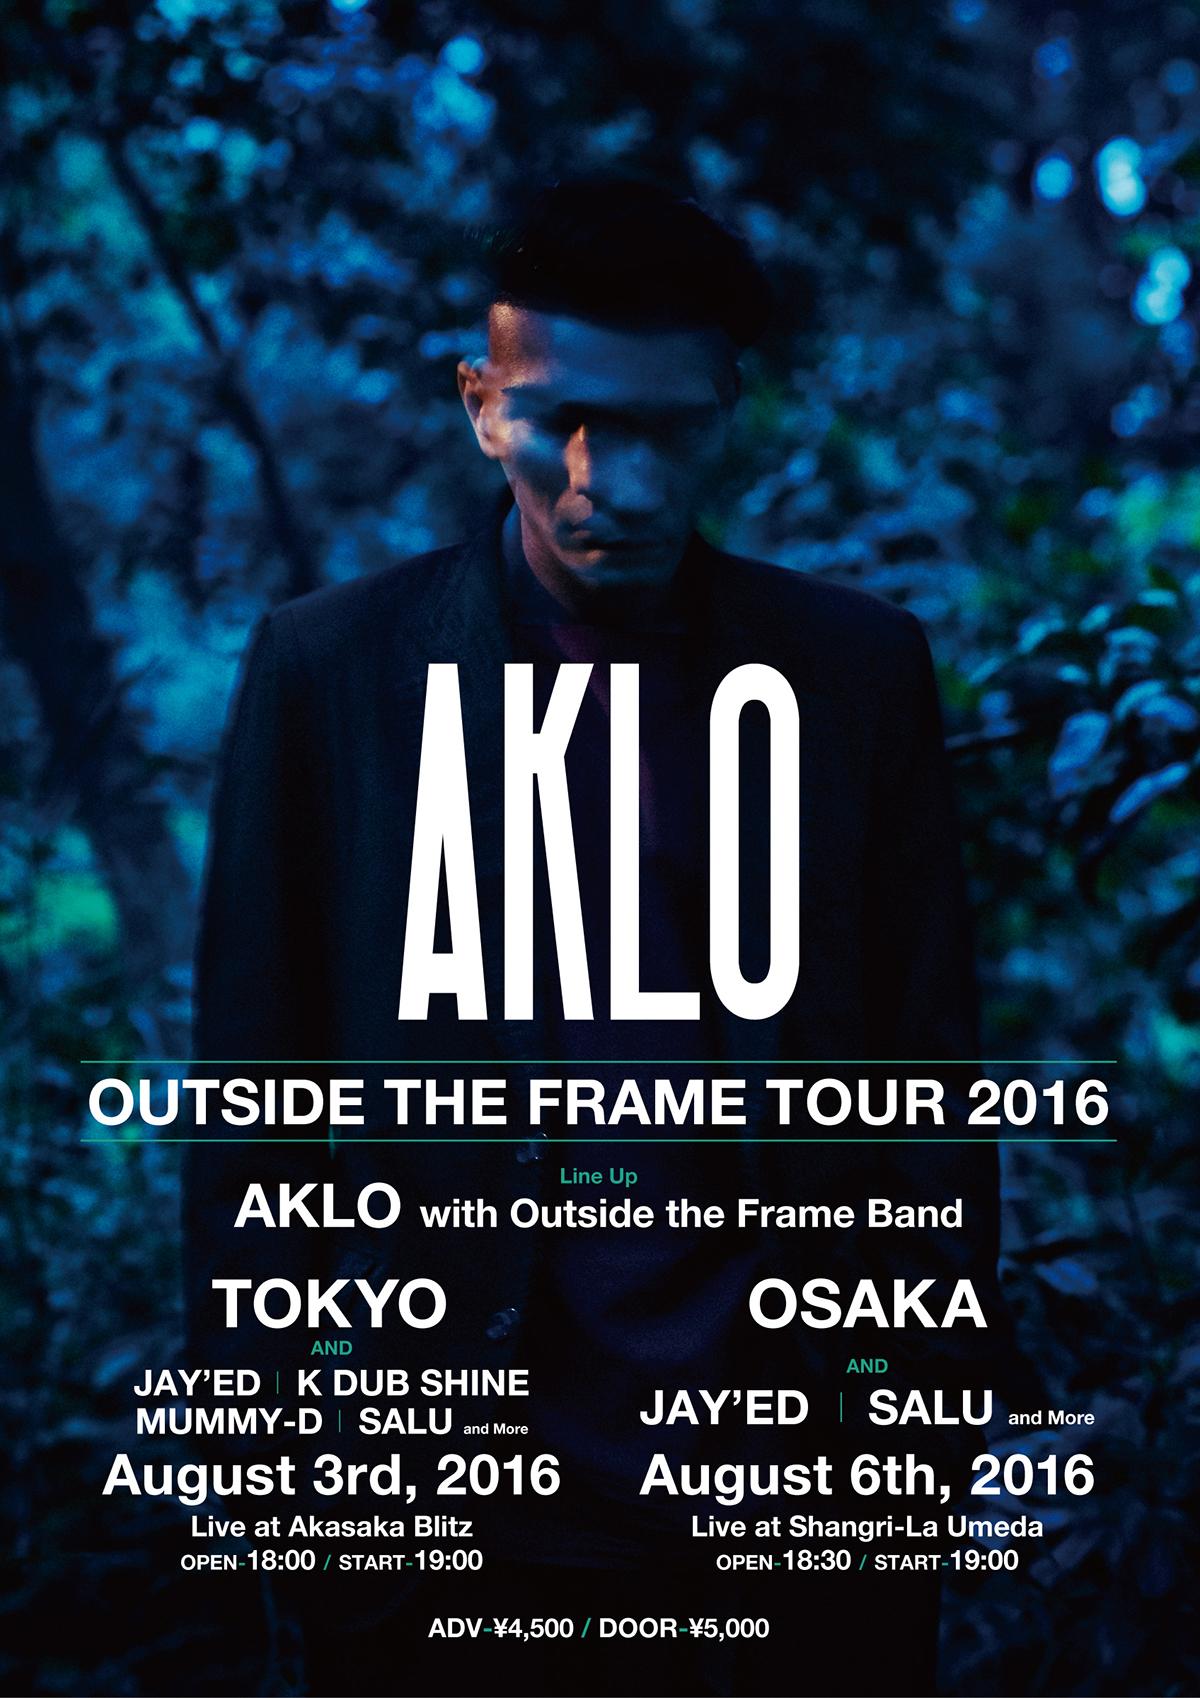 AKLO初ツアーに、Kダブシャイン、Mummy-D、SALU、JAY'EDら出演決定! music160701_aklo_1